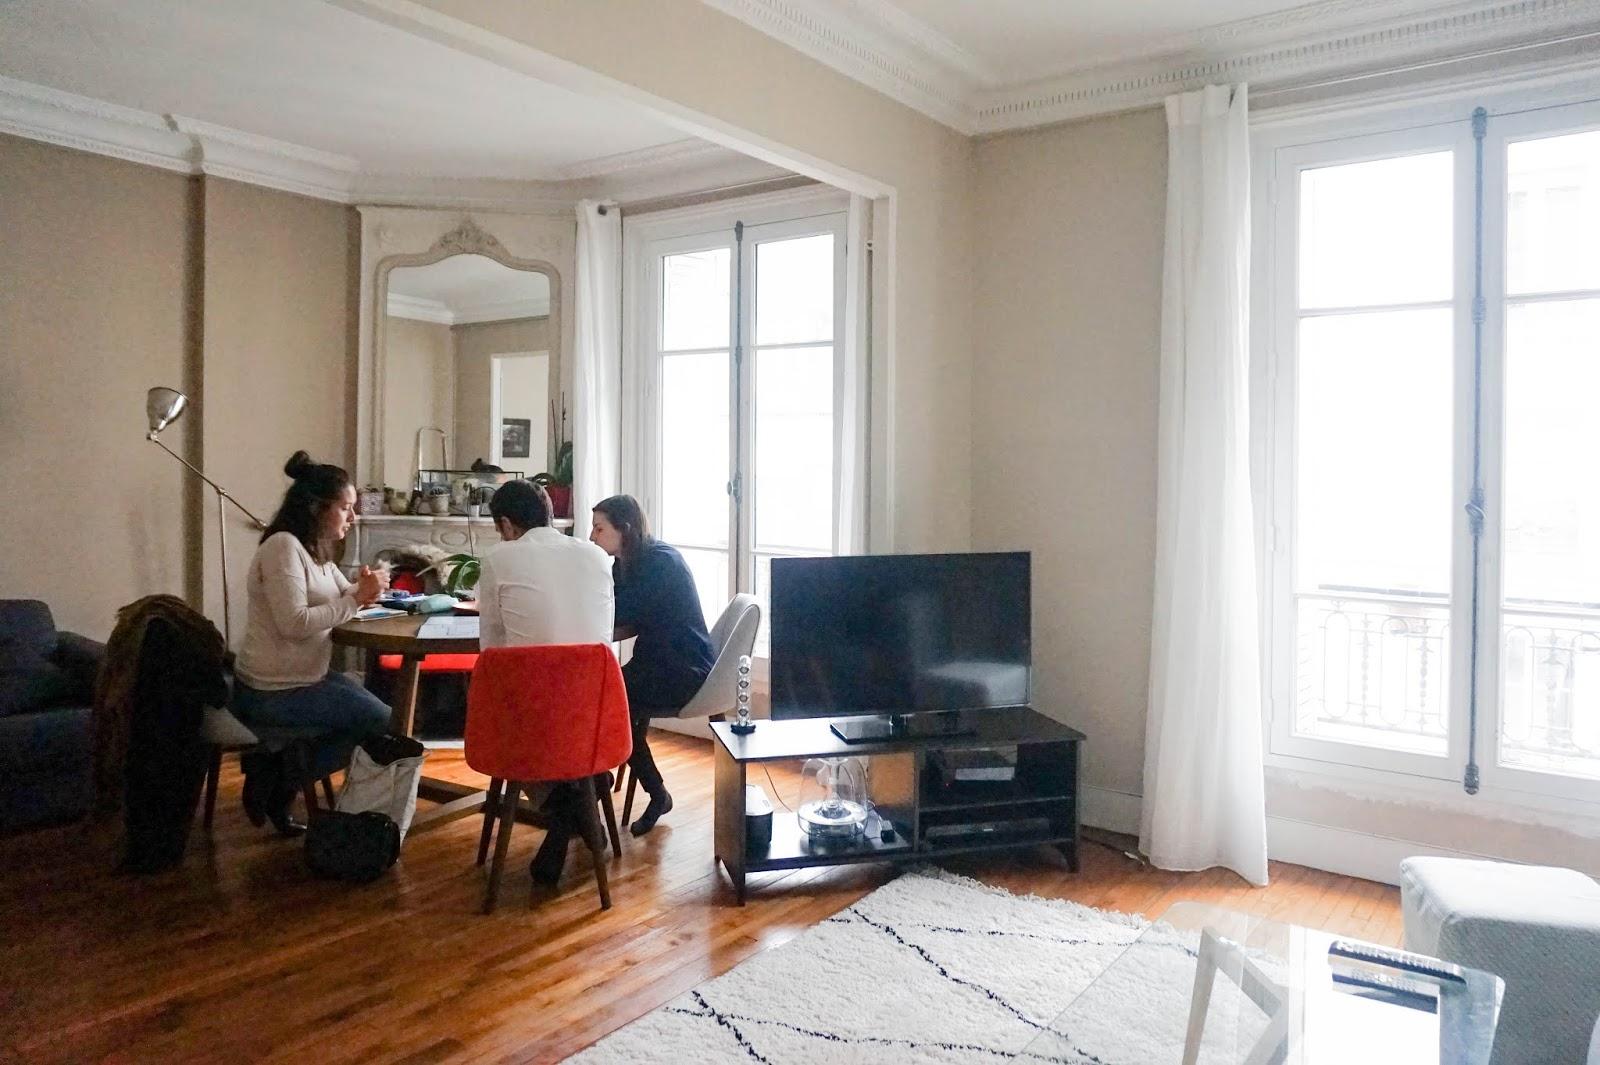 Cuisine Séparée Du Salon adc l'atelier d'à côté : aménagement intérieur, design d